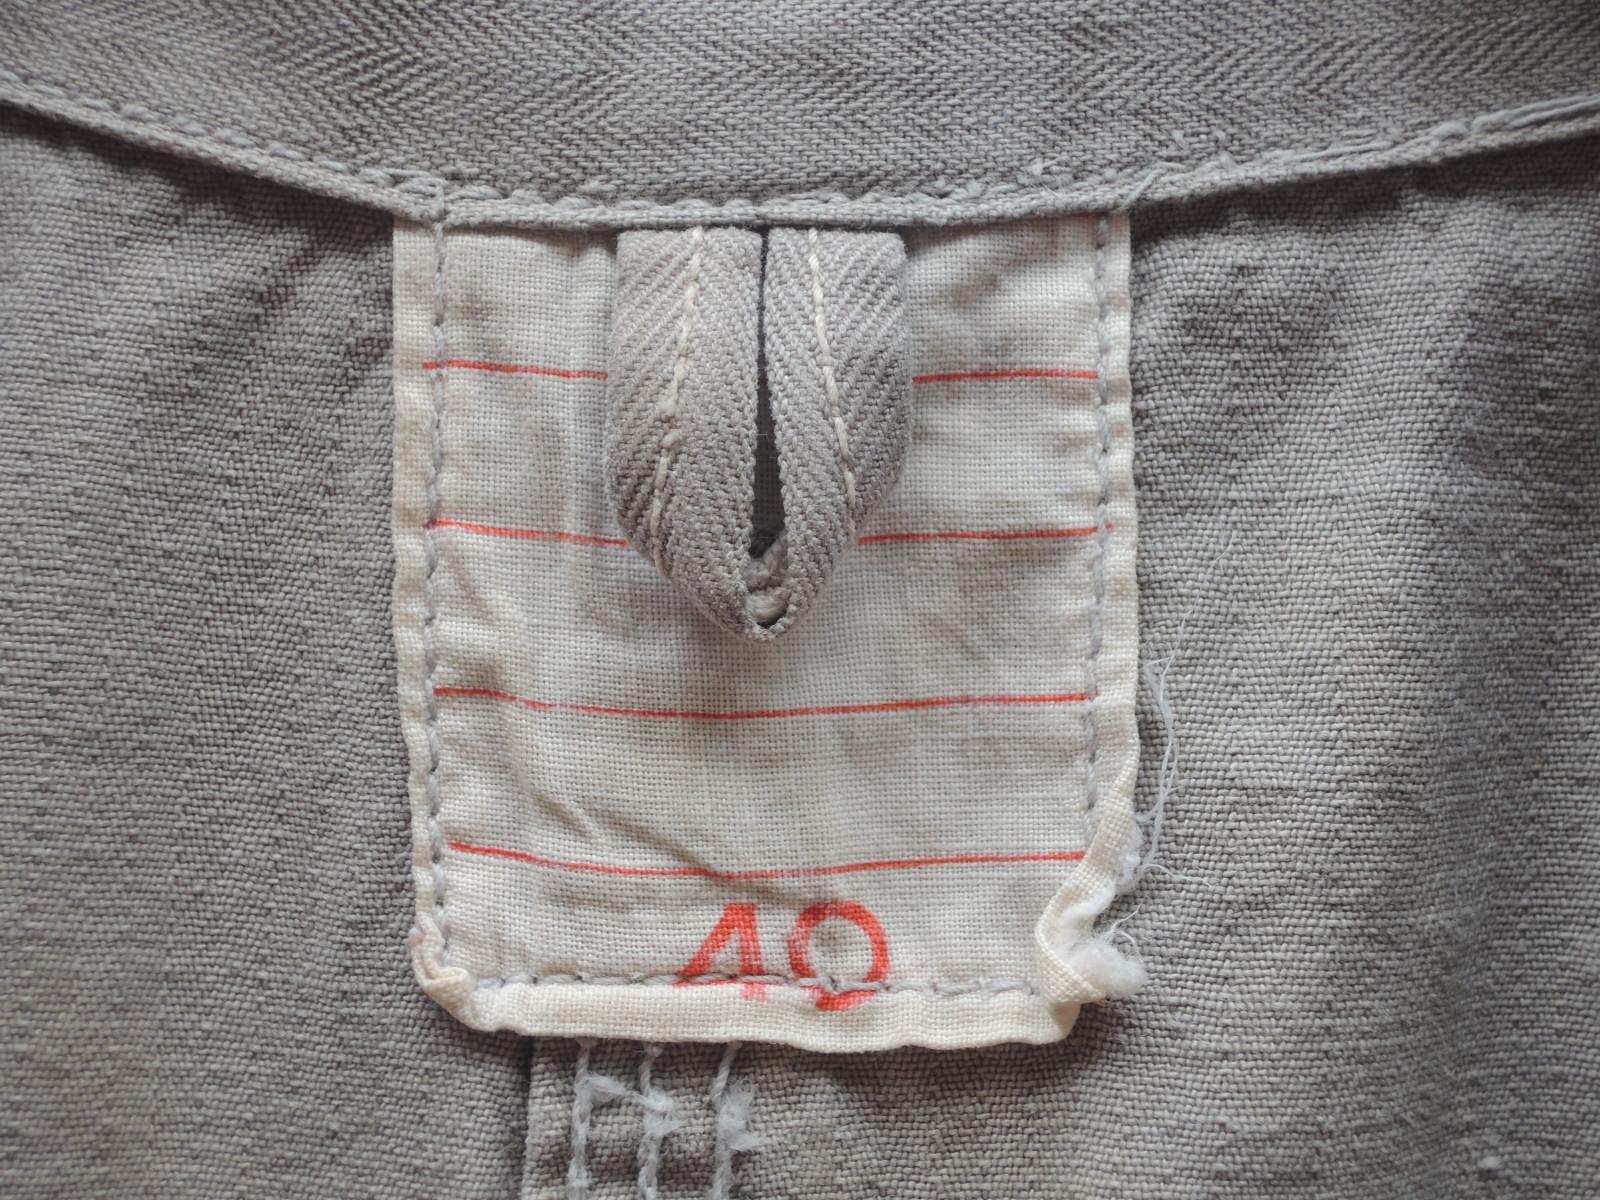 Herringboneshopcoat_02.JPG